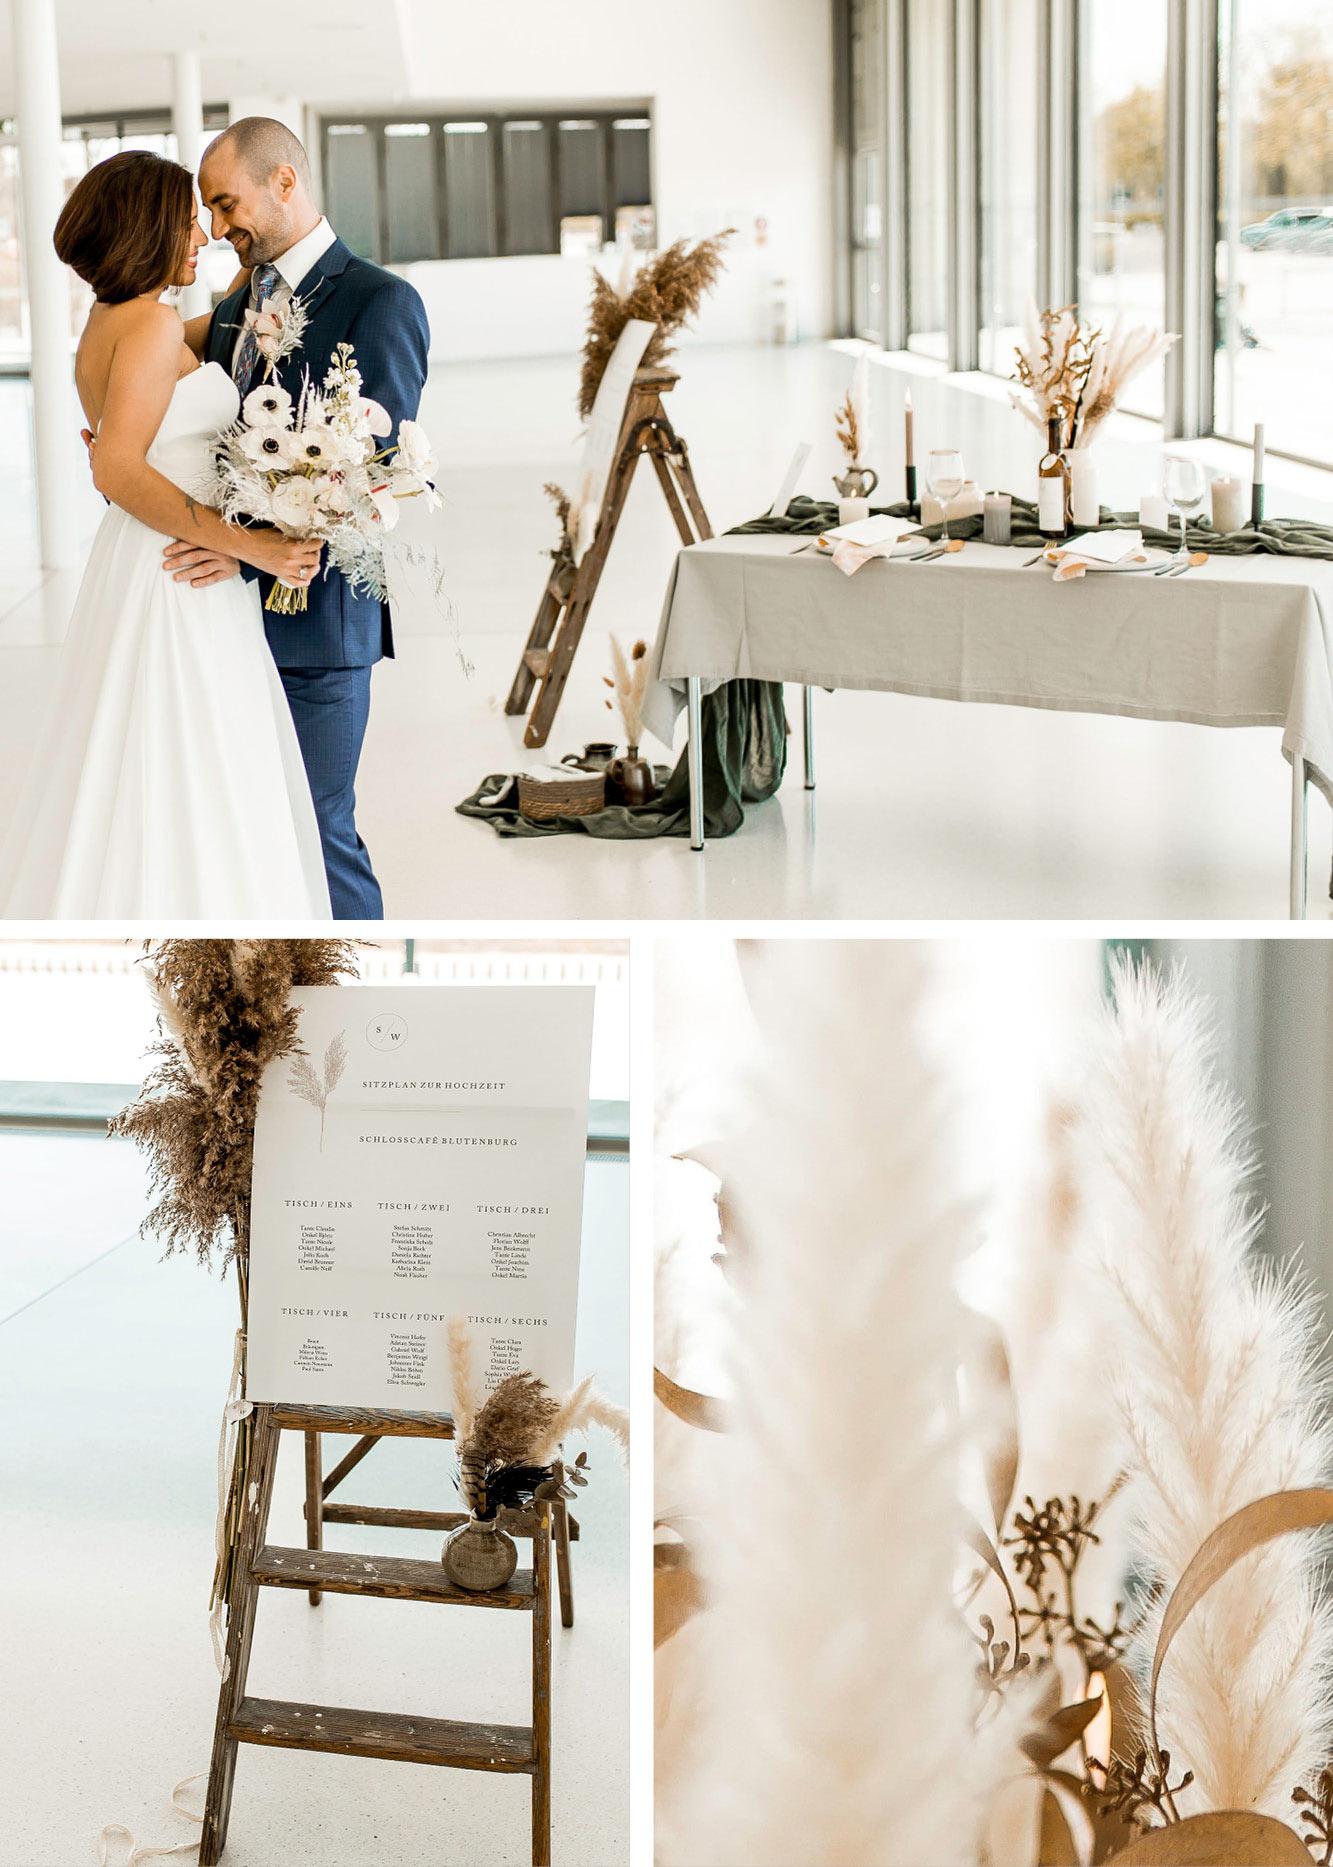 Braut und Bräutigam stehen vorm Hochzeitstisch, Sitzplan mit Pampas Dekoration ist zu sehen.